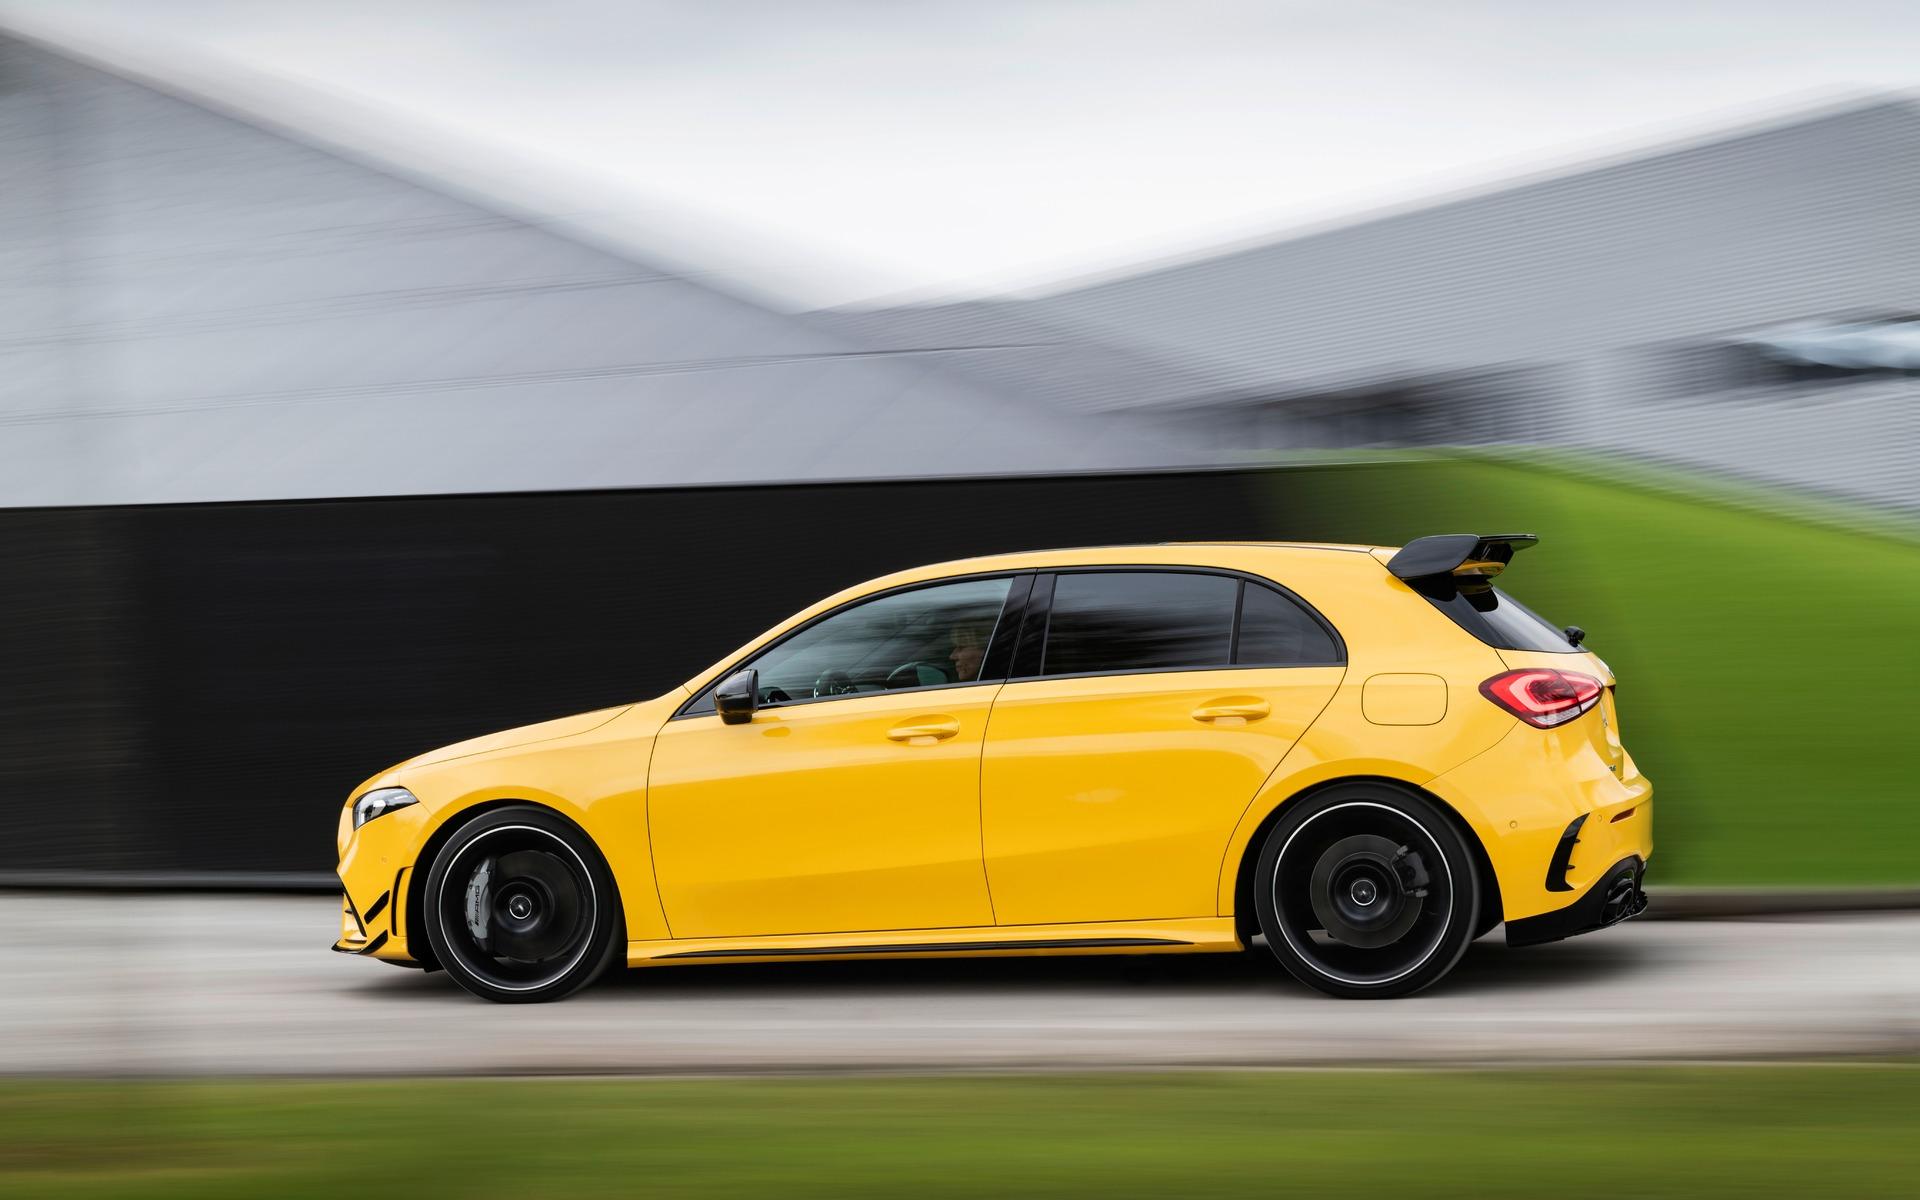 Confirmé : la Mercedes-AMG A 35 sera commercialisée au Canada! 349614_2019_Mercedes-Benz_A-Class